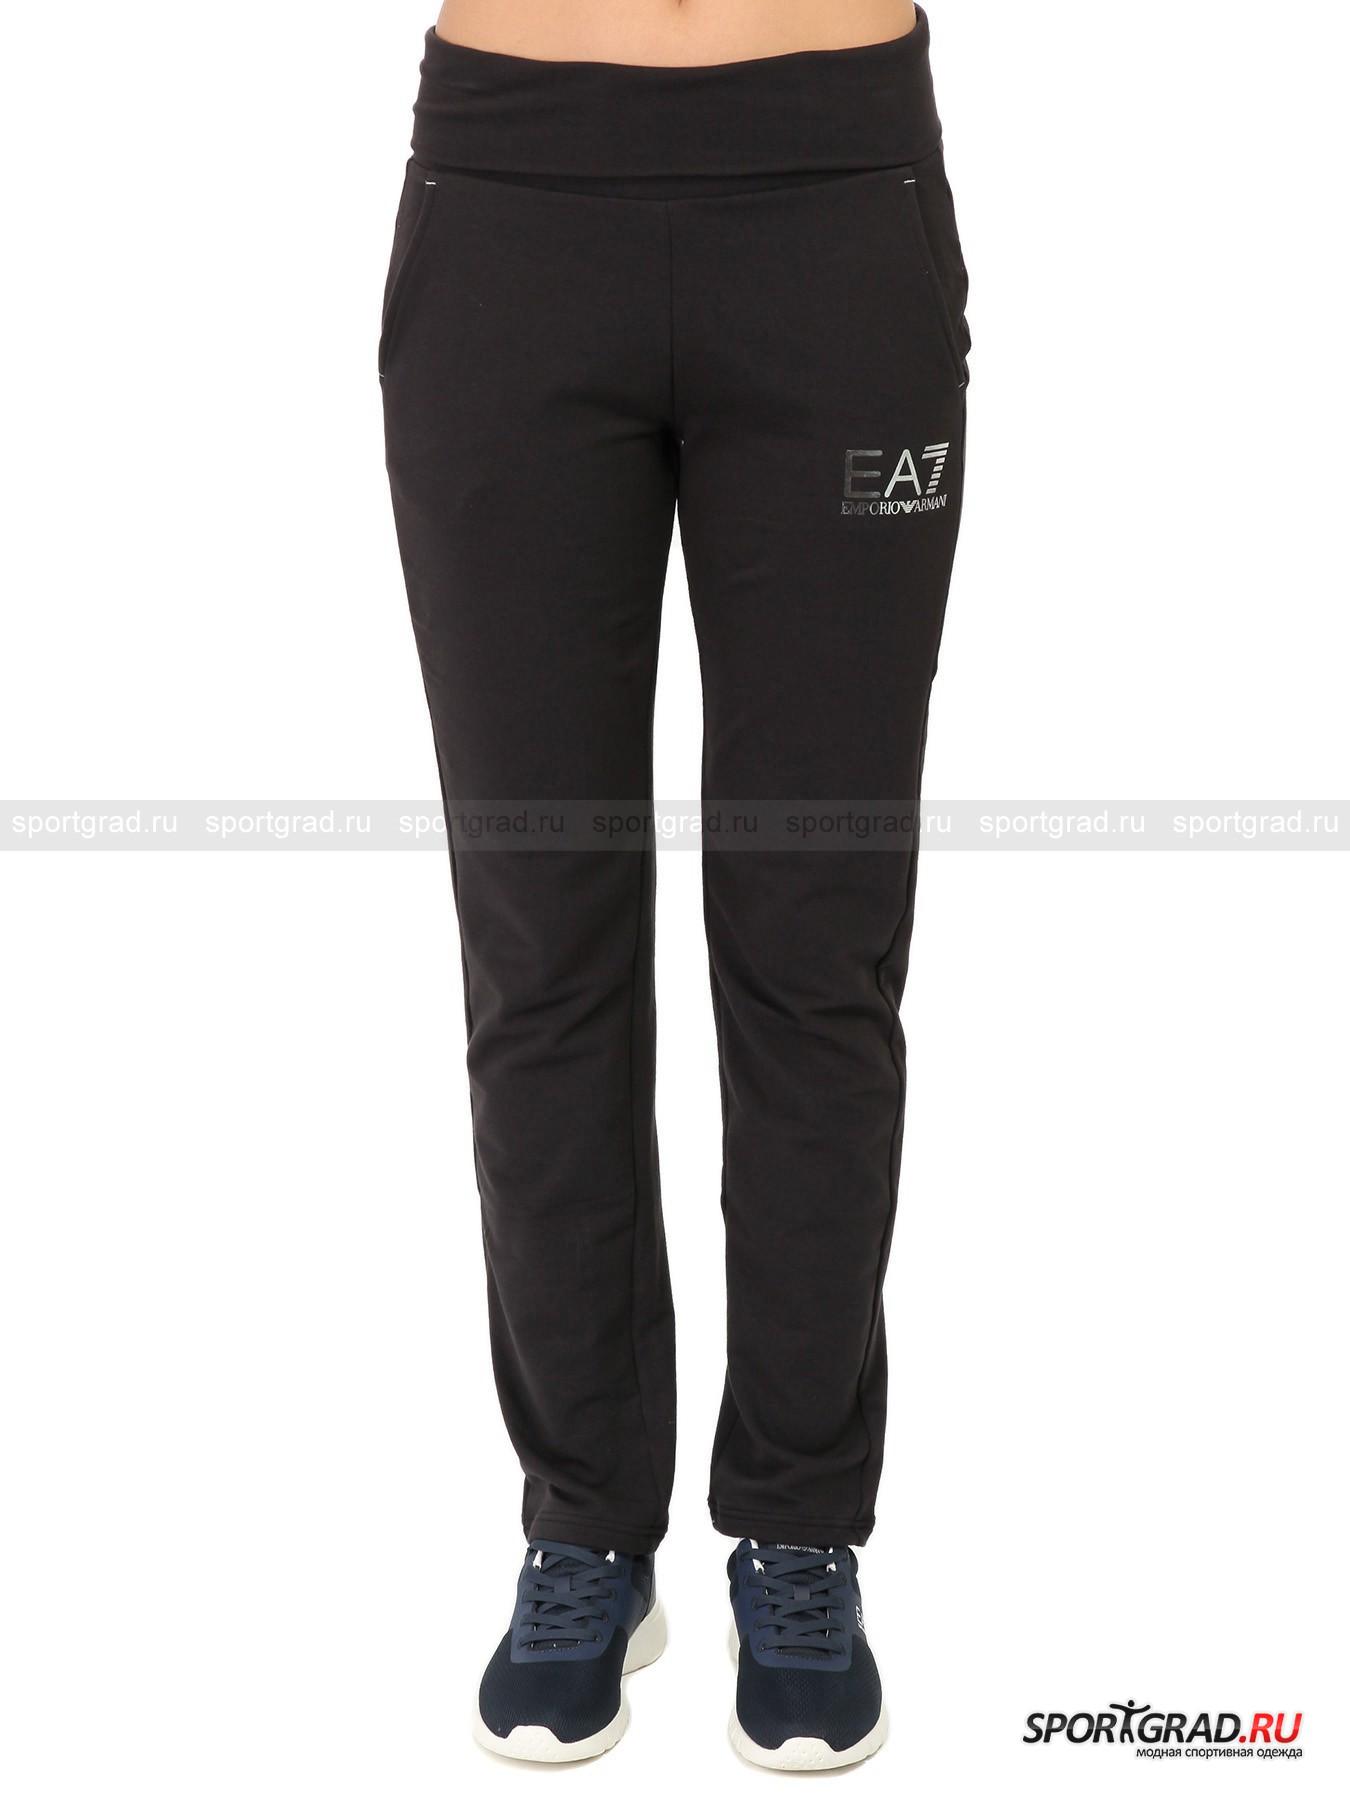 Брюки женские Train Core Pants  EA7 Emporio ArmaniБрюки<br>Спортивная одежда из линии EA7 Emporio Armani - выбор энергичных и успешных людей. Фантастическое качество и оригинальный стиль вещей марки подкупает с первого взгляда и прикосновения,  а непревзойденный комфорт гарантирует, что после примерки вы не захотите их снимать.<br>Удобные темно-серые брюки Train Core Pants предназначены для двигательной активности на улице или в прохладном помещении. Классическая модель для модных девушек, выбирающих самое лучшее.<br><br>Особенности модели:<br>-пояс на резинке;<br>-два кармана по бокам;<br>-гладкая изнанка;<br>-прямой крой;<br>-серебристый блестящий логотип EA7.<br><br>Пол: Женский<br>Возраст: Взрослый<br>Тип: Брюки<br>Рекомендации по уходу: стирка в теплой воде до 30 С; не отбеливать; гладить слегка нагретым утюгом (температура до 110 C); химическая чистка запрещена; нельзя выжимать и сушить в стиральной машине<br>Состав: 65% хлопок, 30% полиэстер 5% эластан